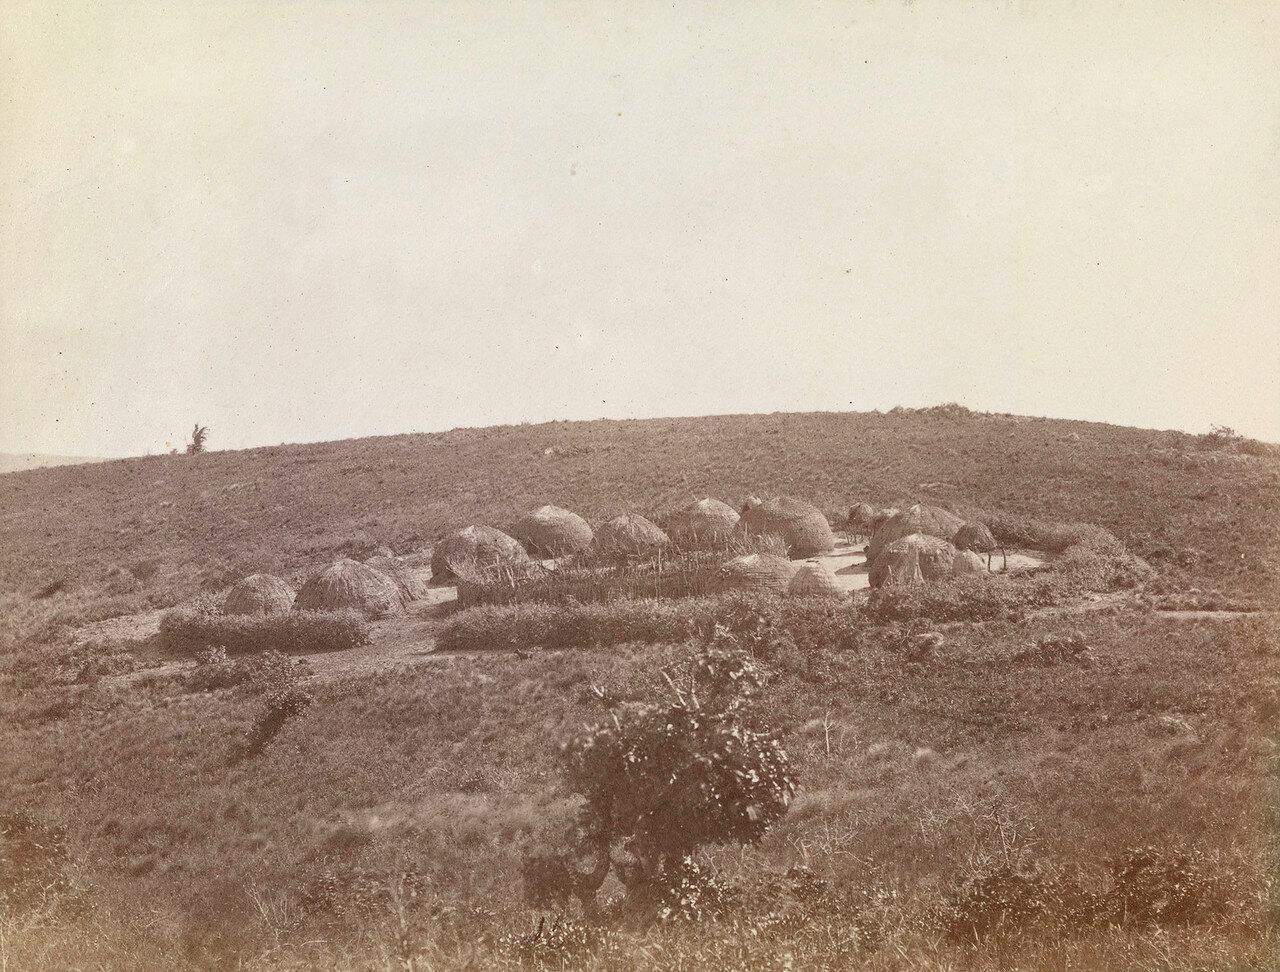 Нью Гелдерланд. Крааль в поселении зулу